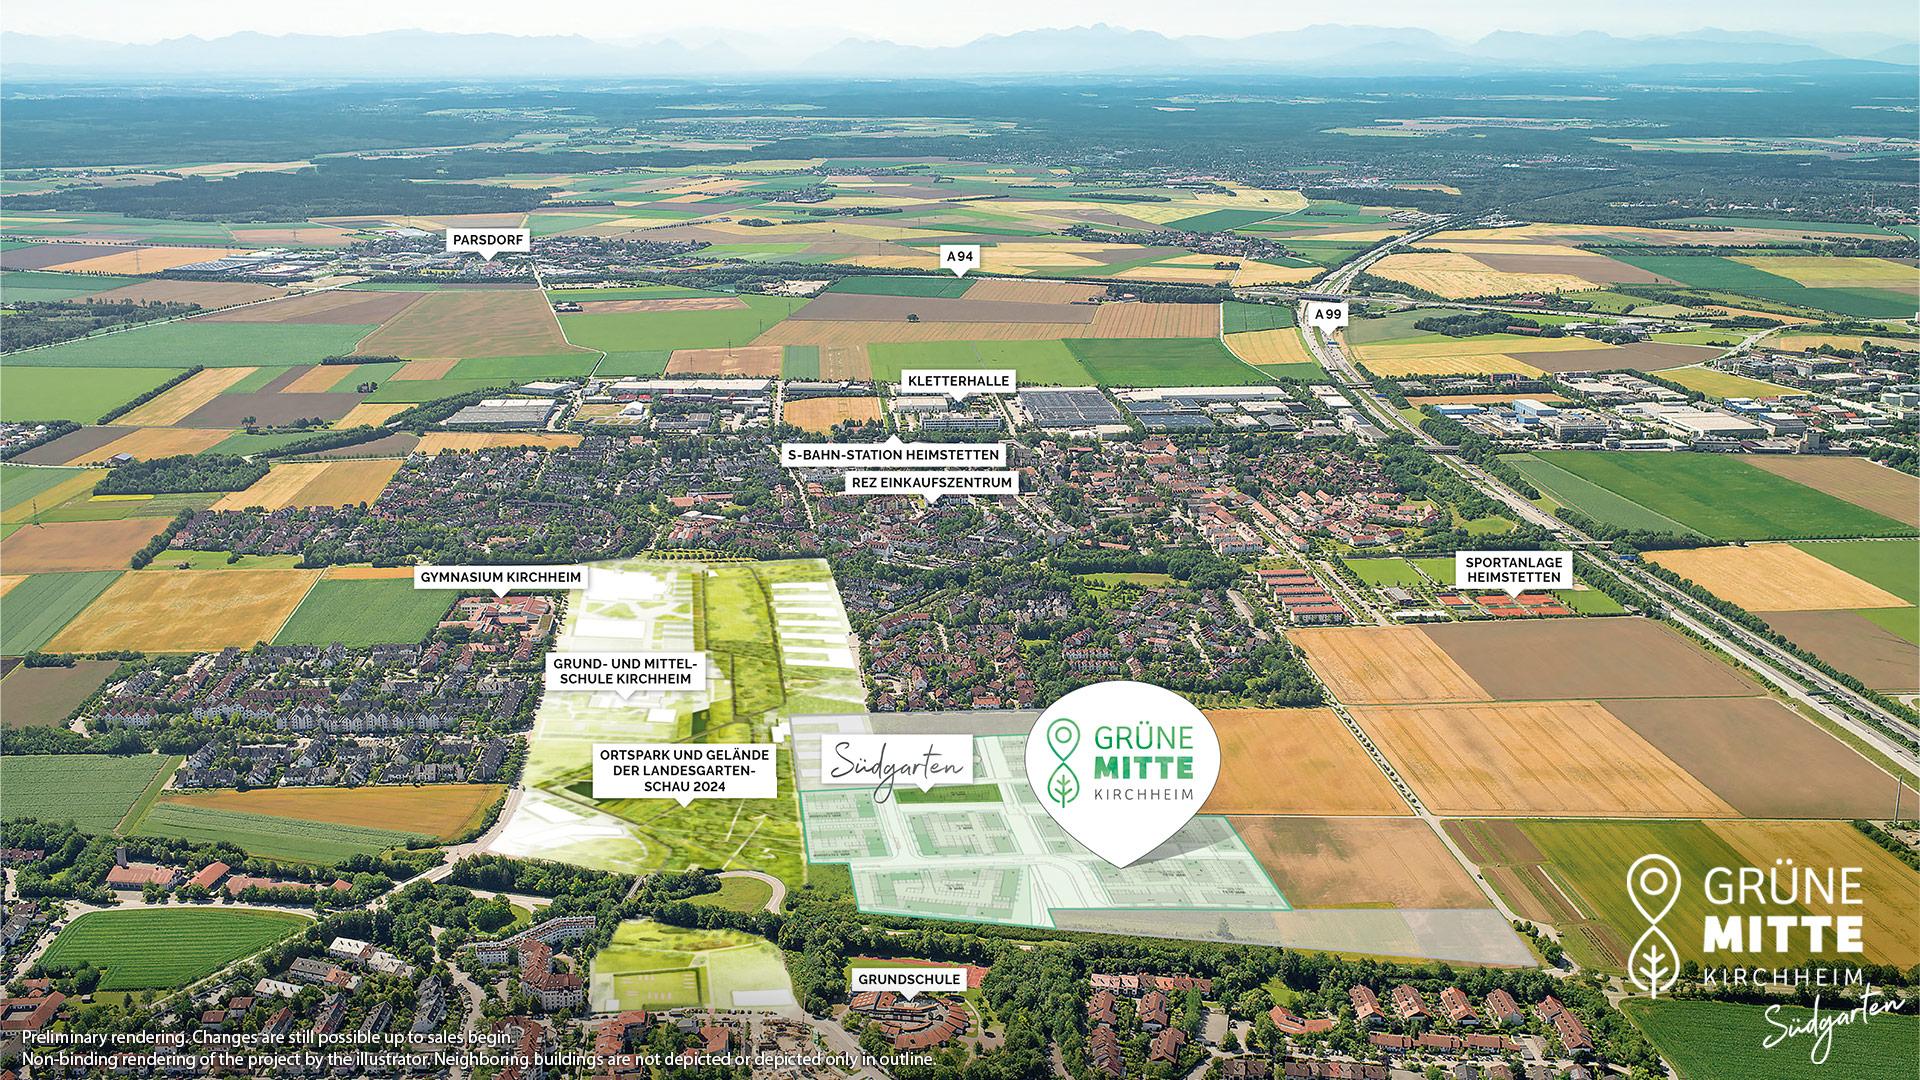 Property Gruene Mitte Kirchheim - Suedgarten - Illustration Aerial view